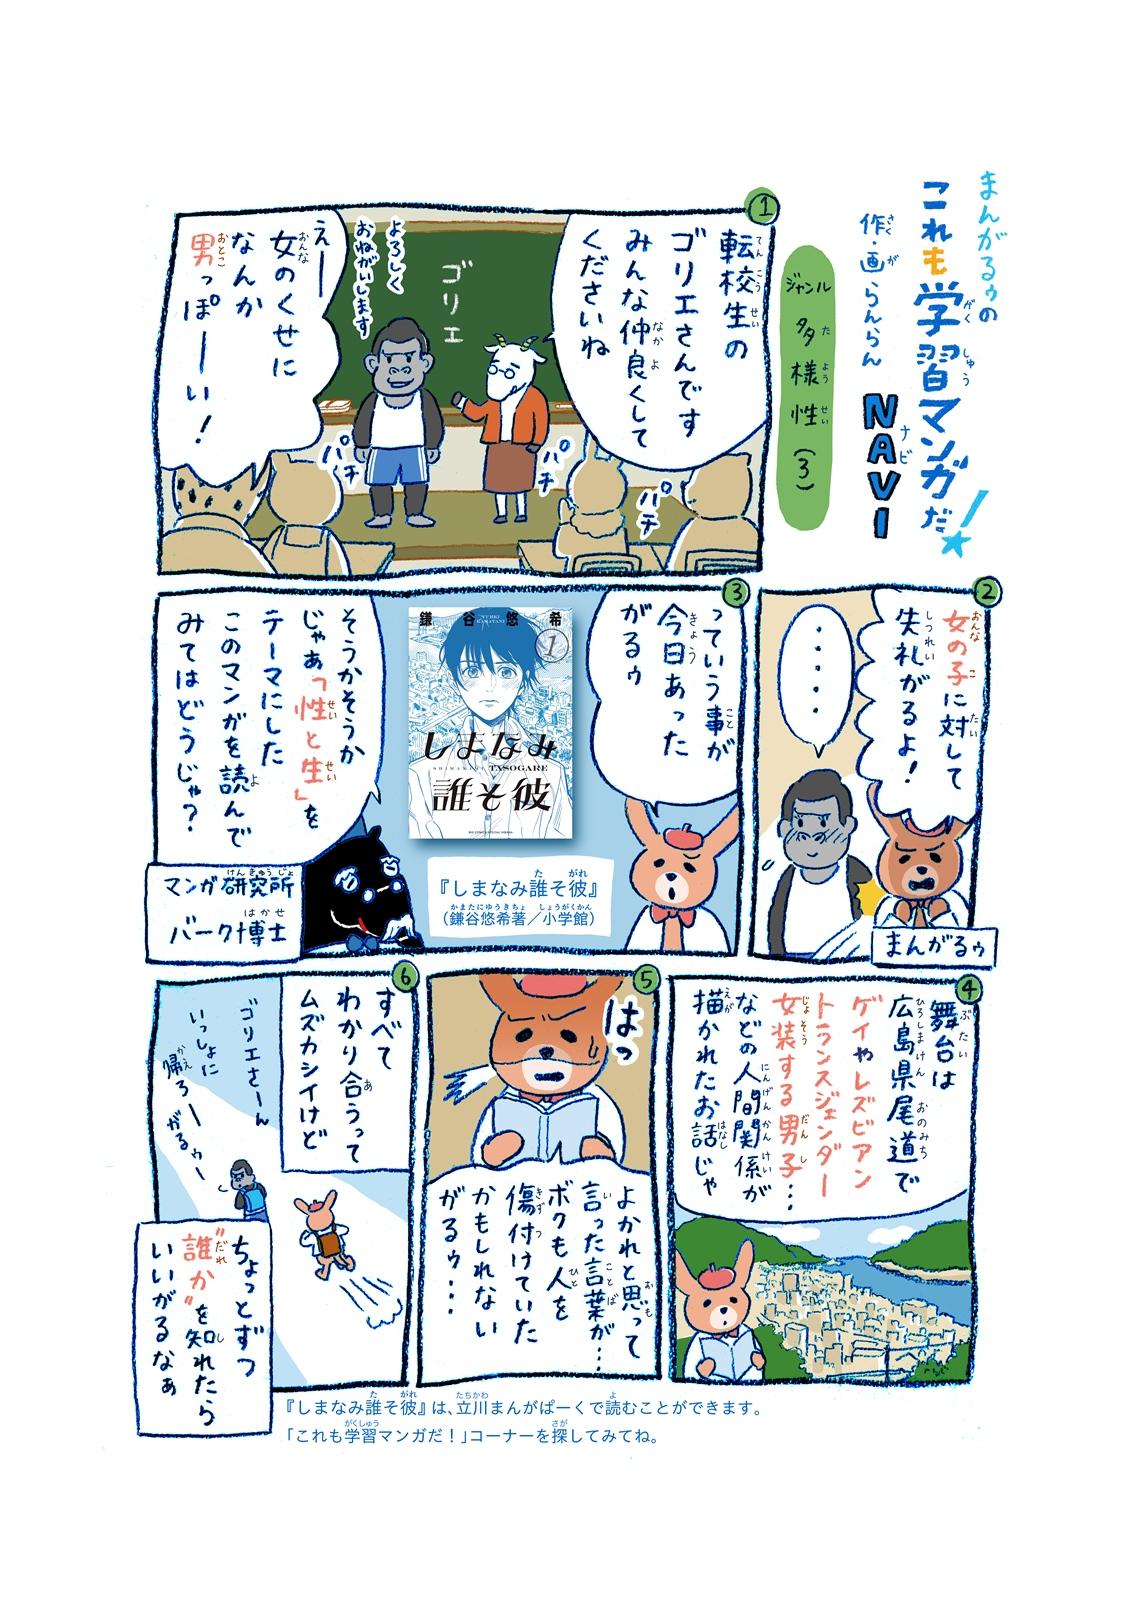 https://mangapark.jp/topics/2021/04/25/images/mangaroo_vol19.jpg